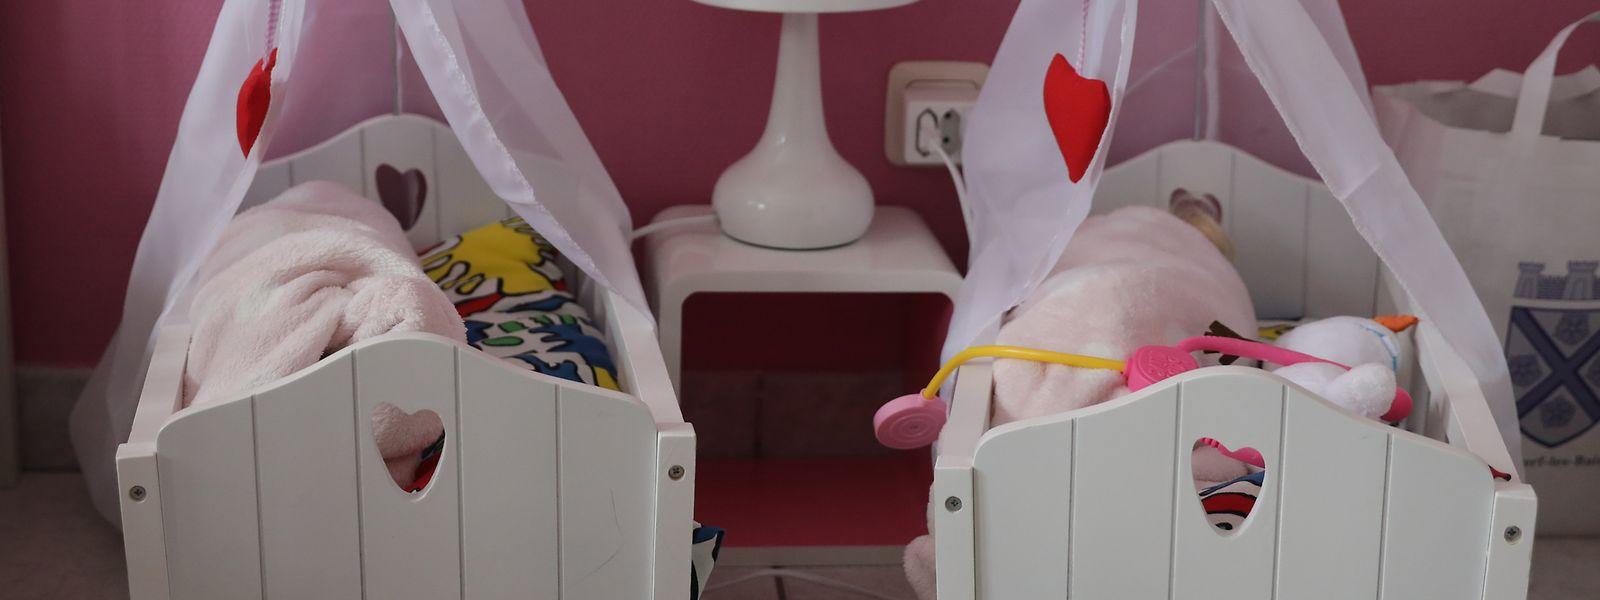 Im Leben teilen sich die Zwillinge Lara und Lia vieles: vom rosafarbigen Zimmer bis zur gemeinsamen seltenen Krankheit.